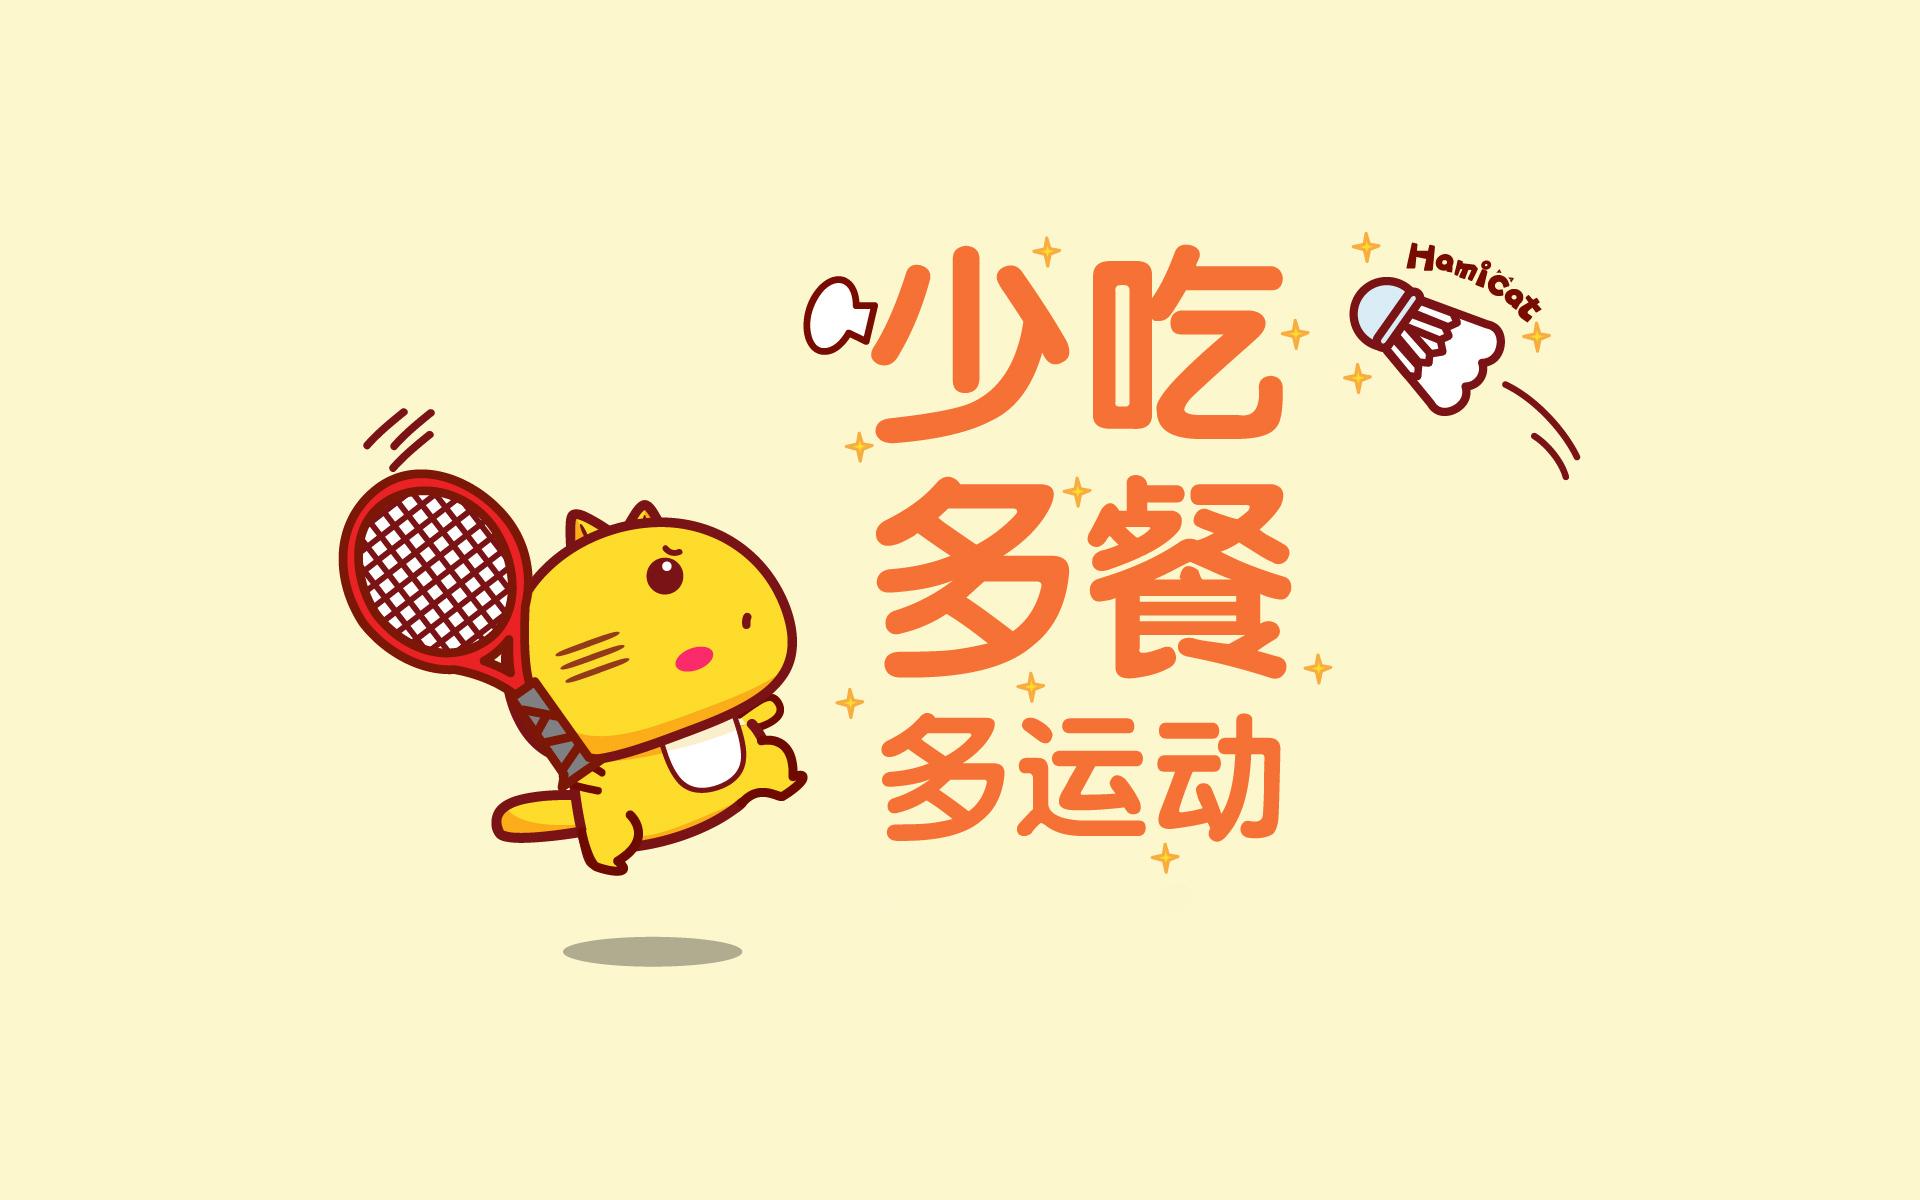 简约卡通猫咪减肥语录桌面壁纸下载【9p】